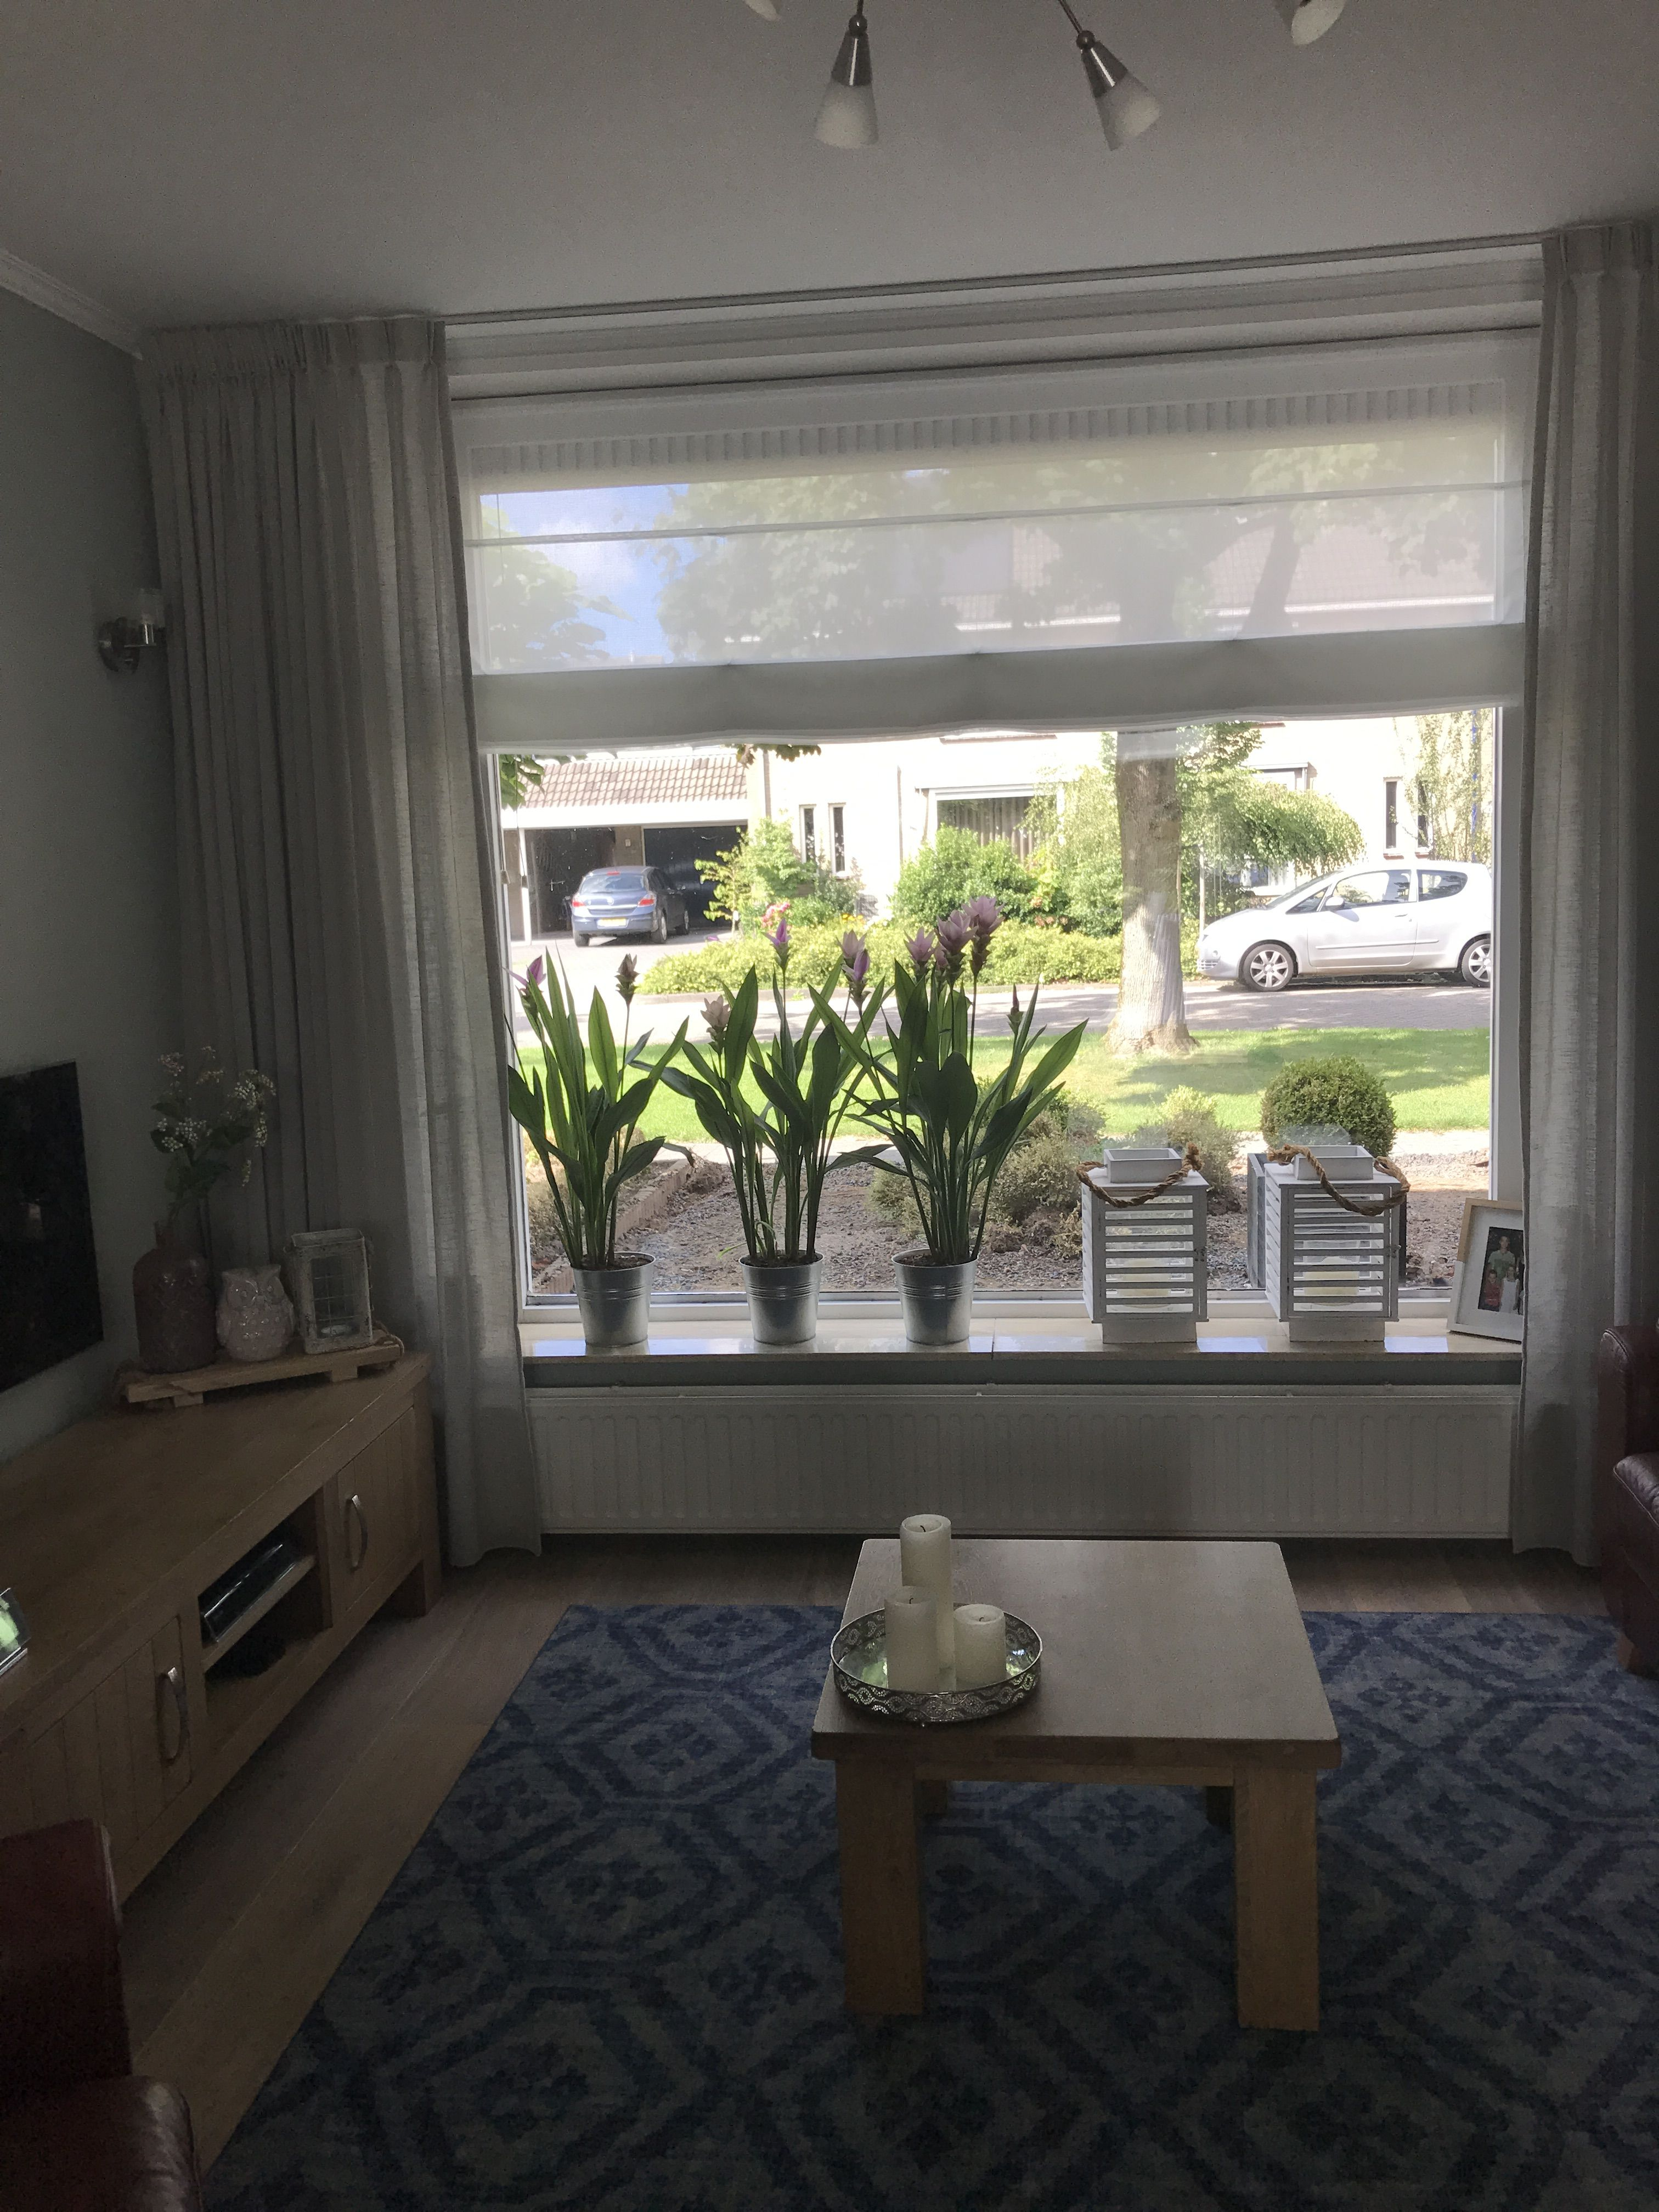 Planten op vensterbank tegen inkijk, vouwgordijnen wit, luchtige ...